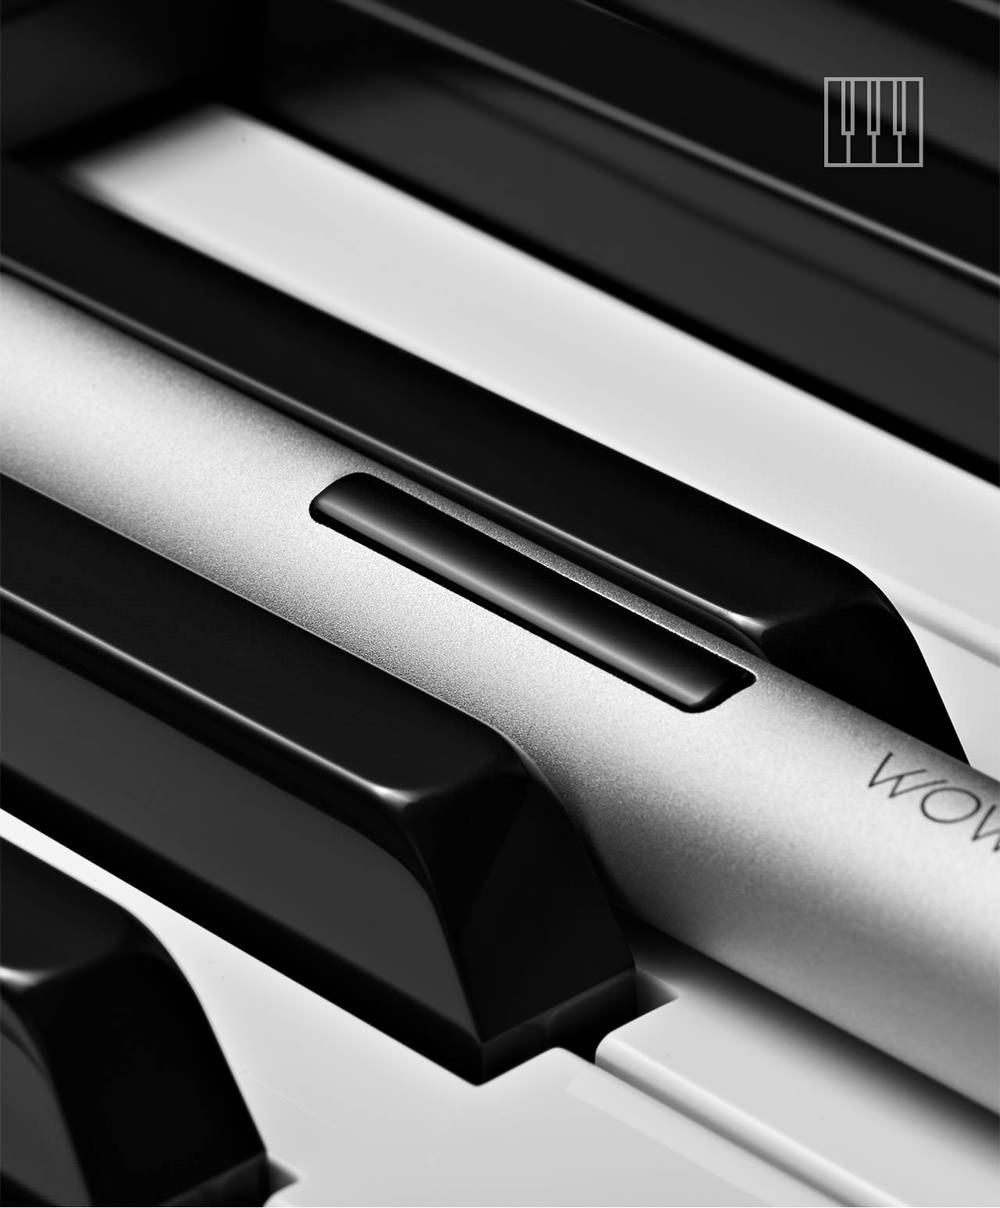 1p+ wowstick xiaomi screwdriver